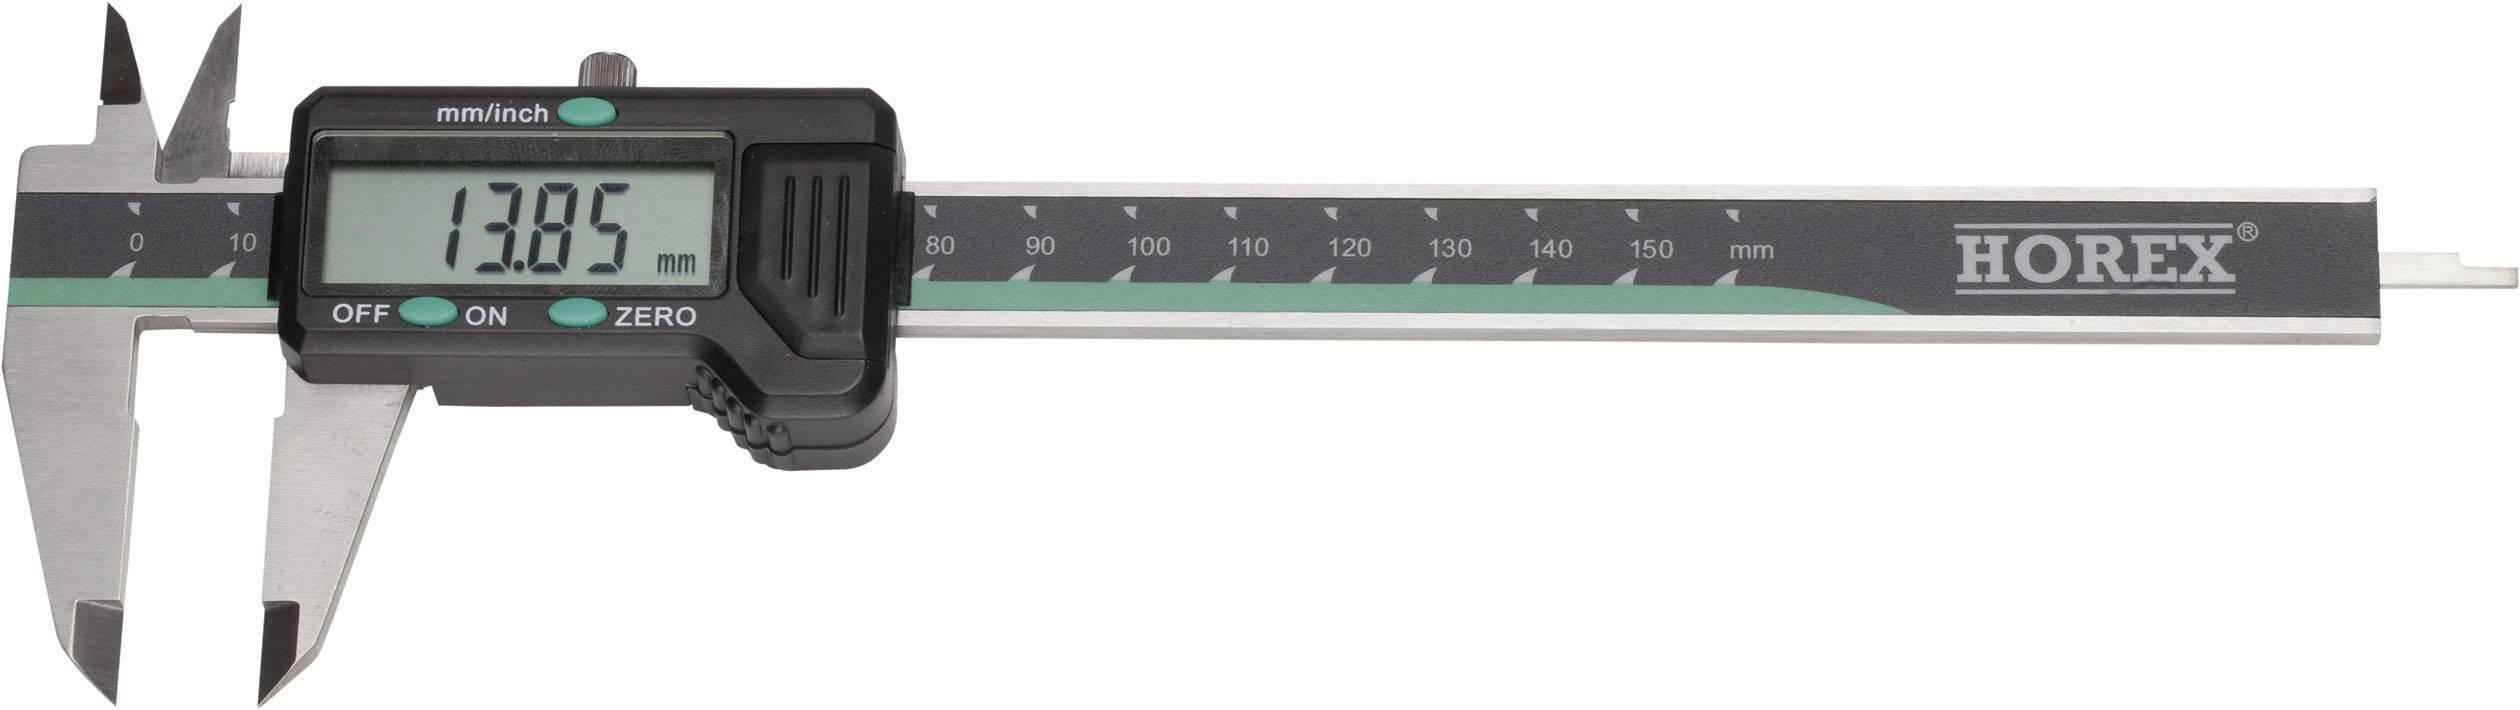 Digitálne posuvné meradlo Horex 2211216, rozsah merania 150 mm